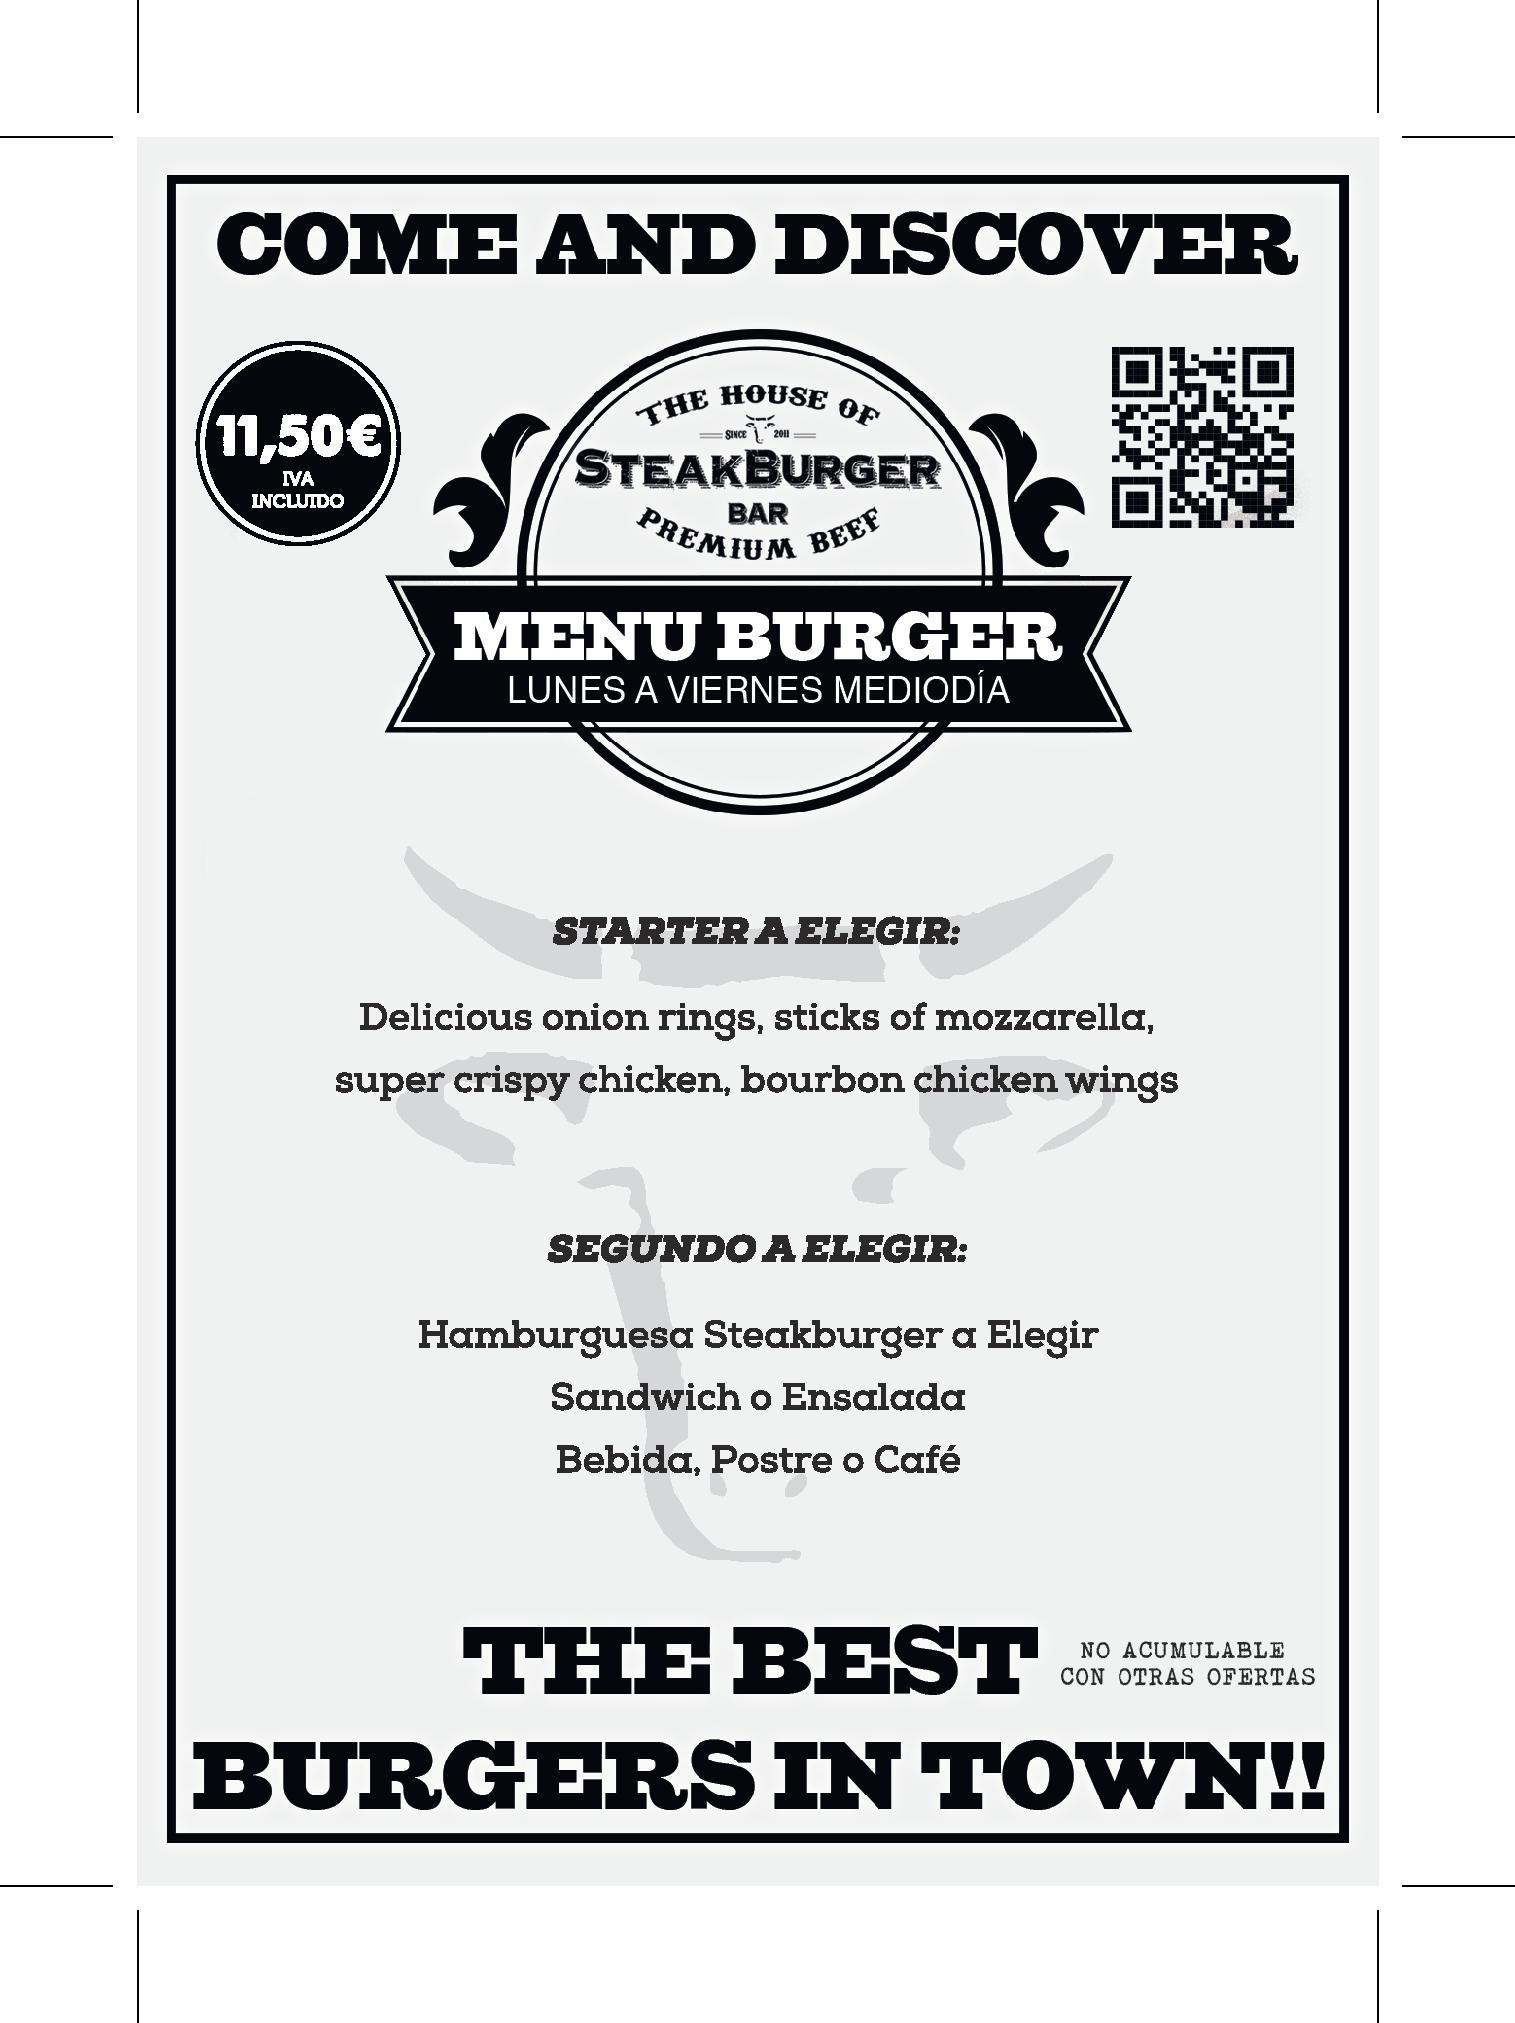 steak burger menu